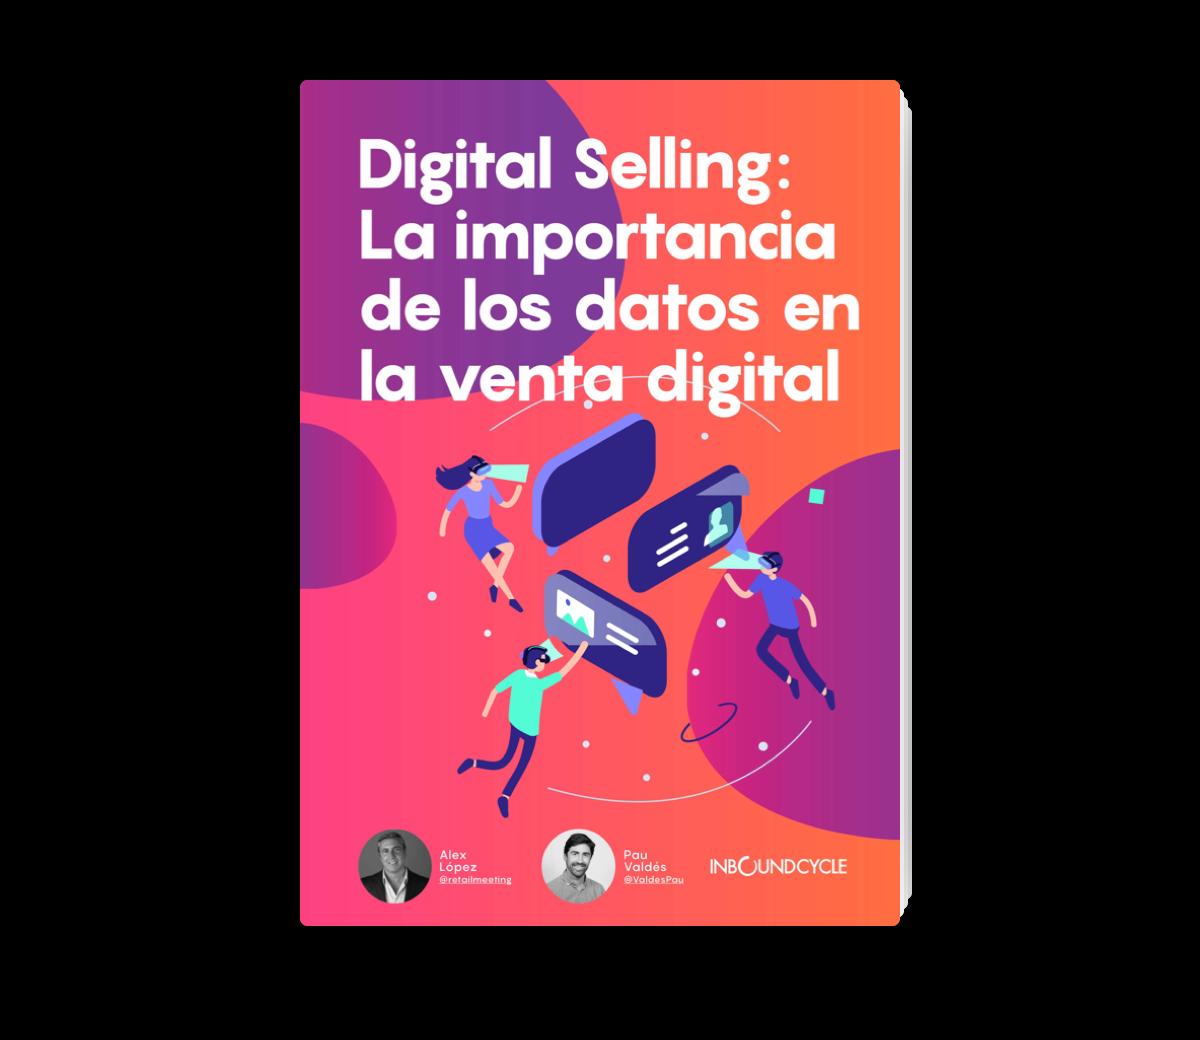 Portada - Email - Digital Selling - Álex López